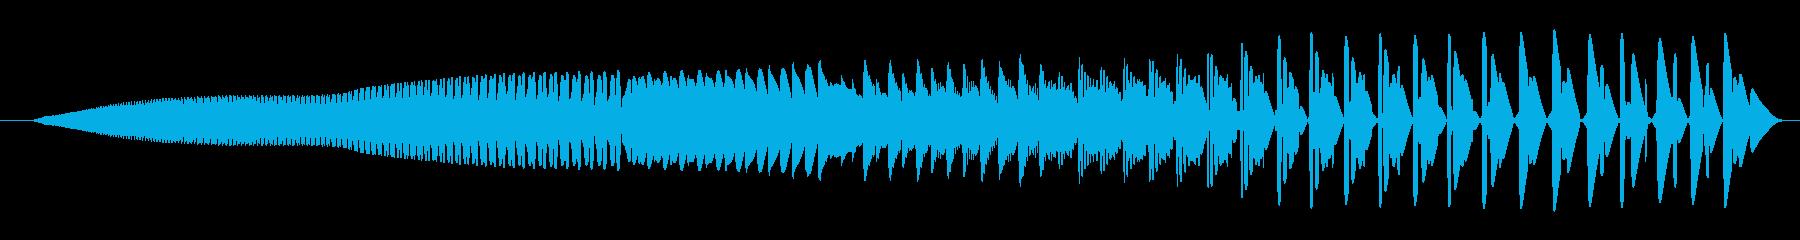 FX ローパワーダウン01の再生済みの波形